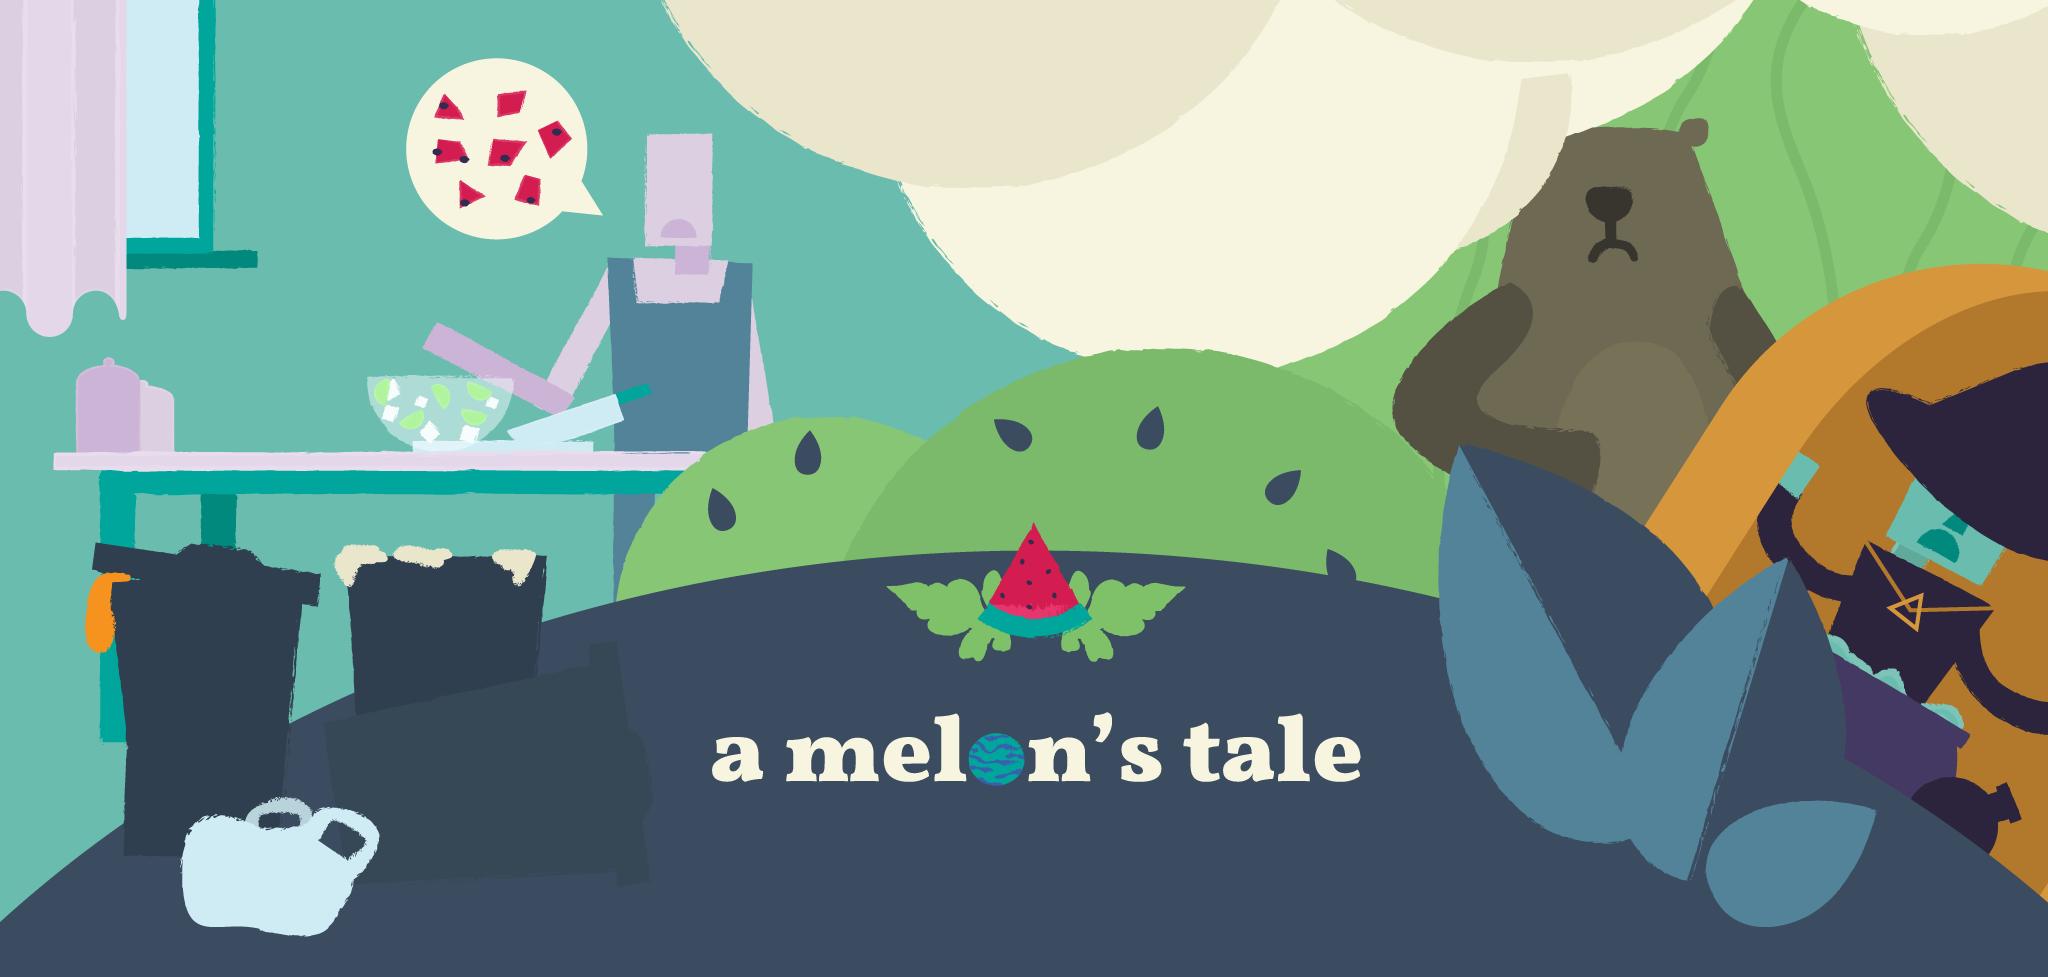 shelly-alon-game-design-A Melon's Tale